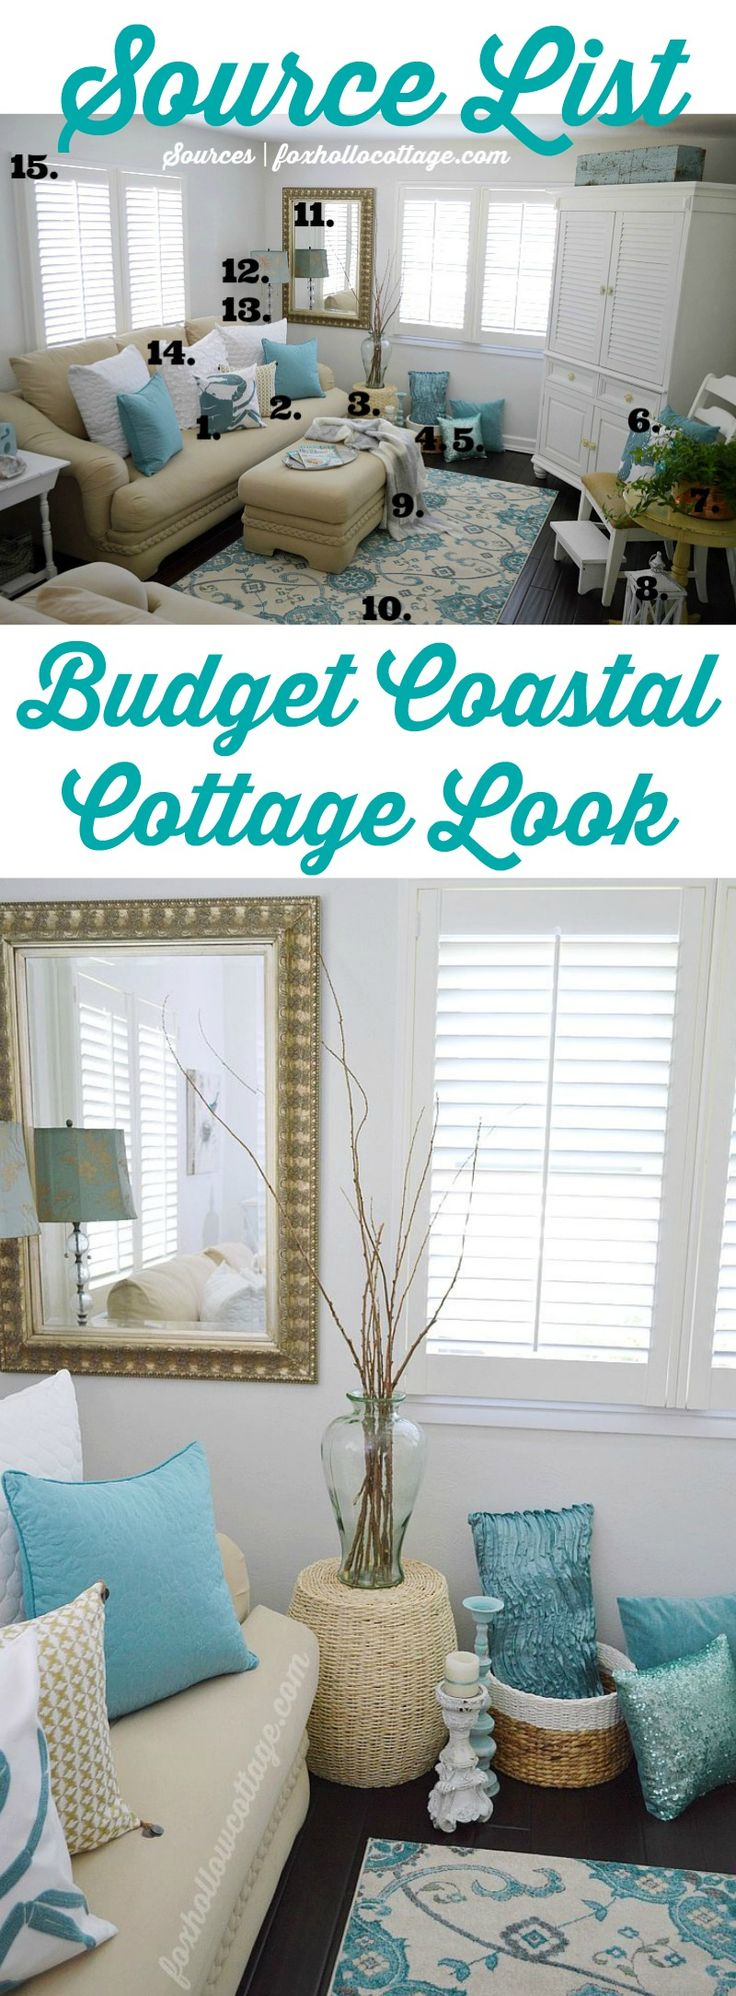 Budget Coastal Cottage Decor Shopping Source List | Fox Hollow Cottage #homegoodshappy #decoratingideas